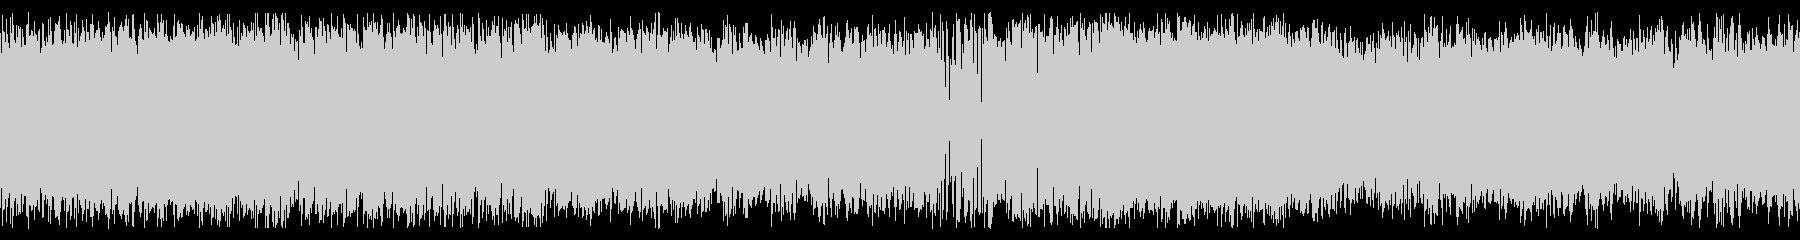 ネオクラシカルなチップチューン ループ版の未再生の波形